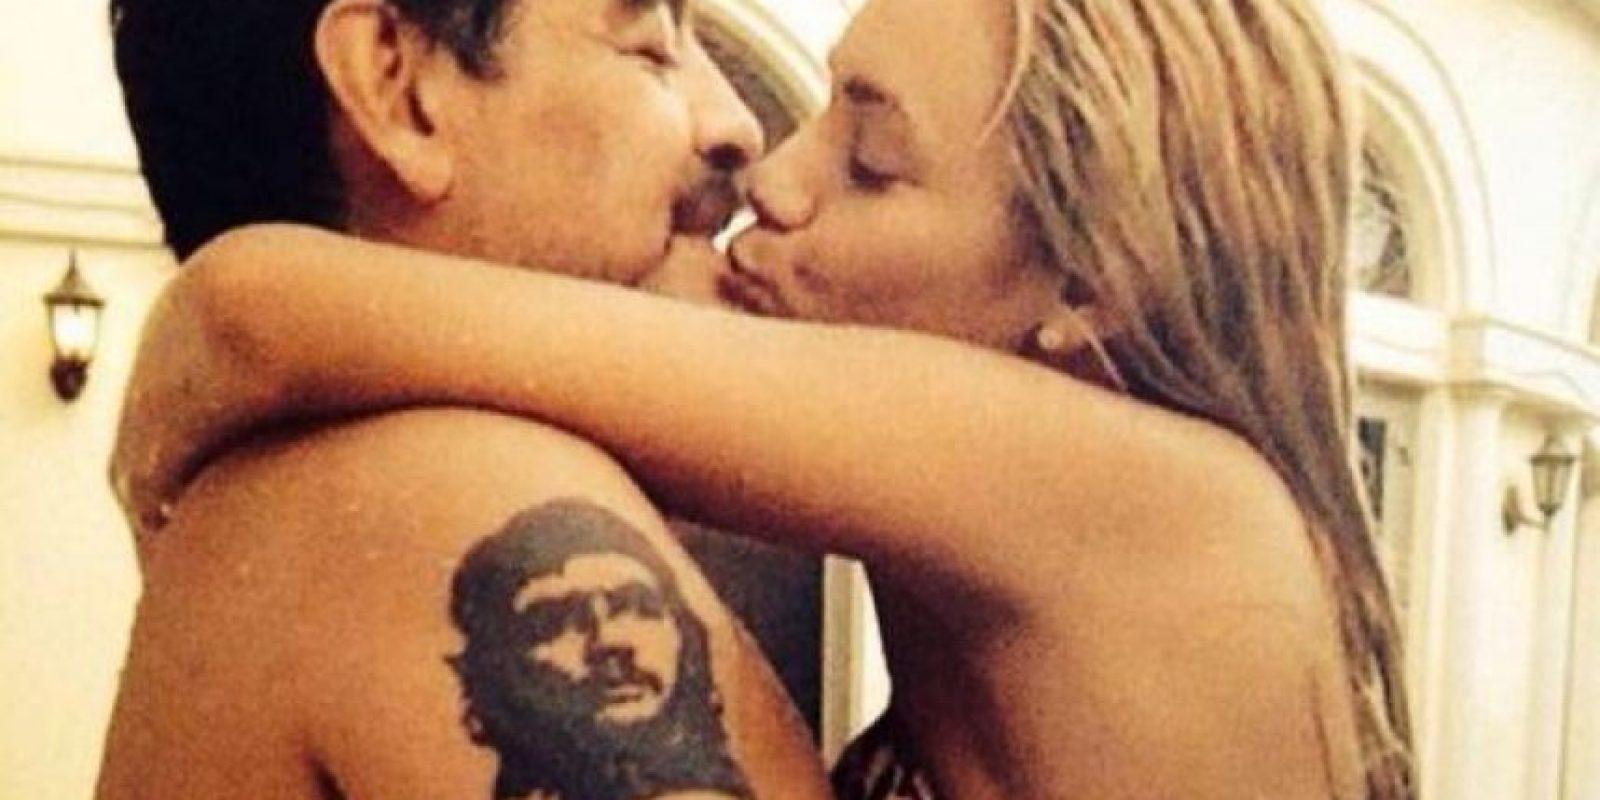 Rocío, la actual pareja del astro argentino, se molestó y de acuerdo a versiones de Vanessa, insultó a Verónica Ojeda y a su hijo. Foto:Vía twitter.com/rogeraldineoliv